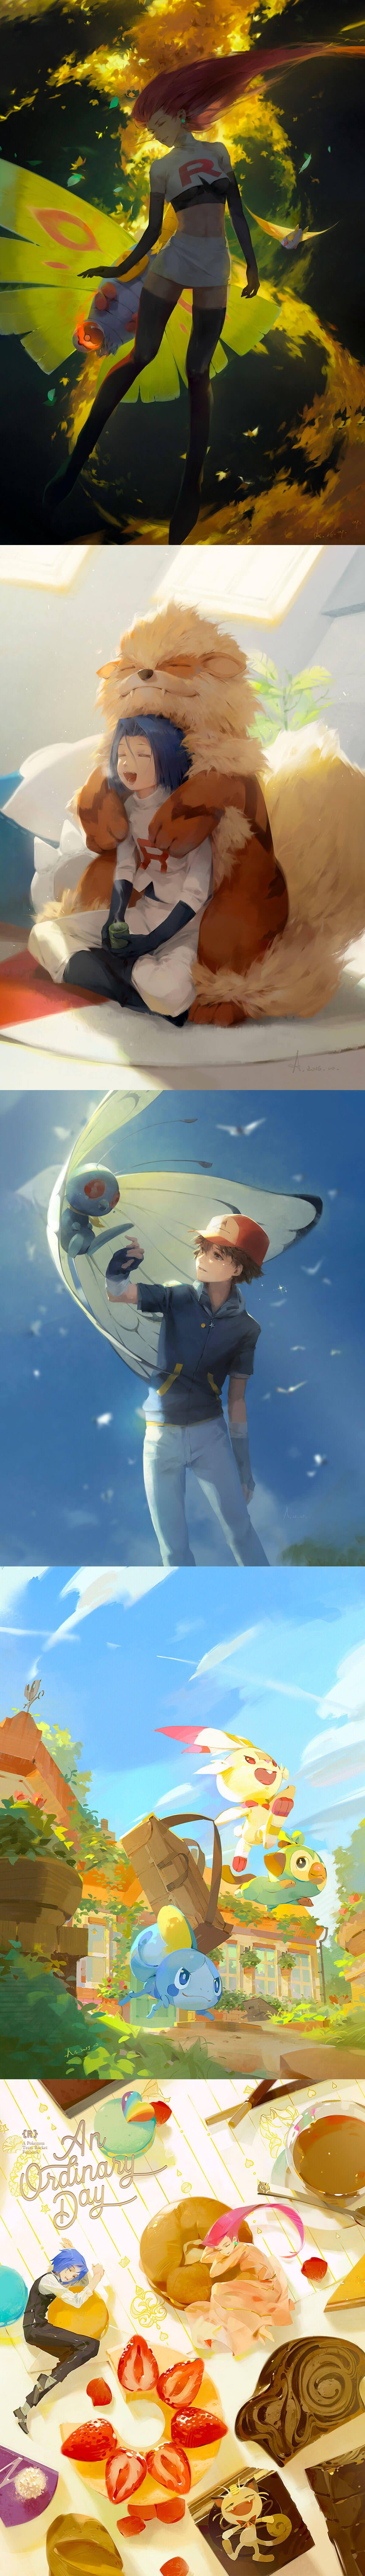 Pokemon Fan Art by Asen Liy